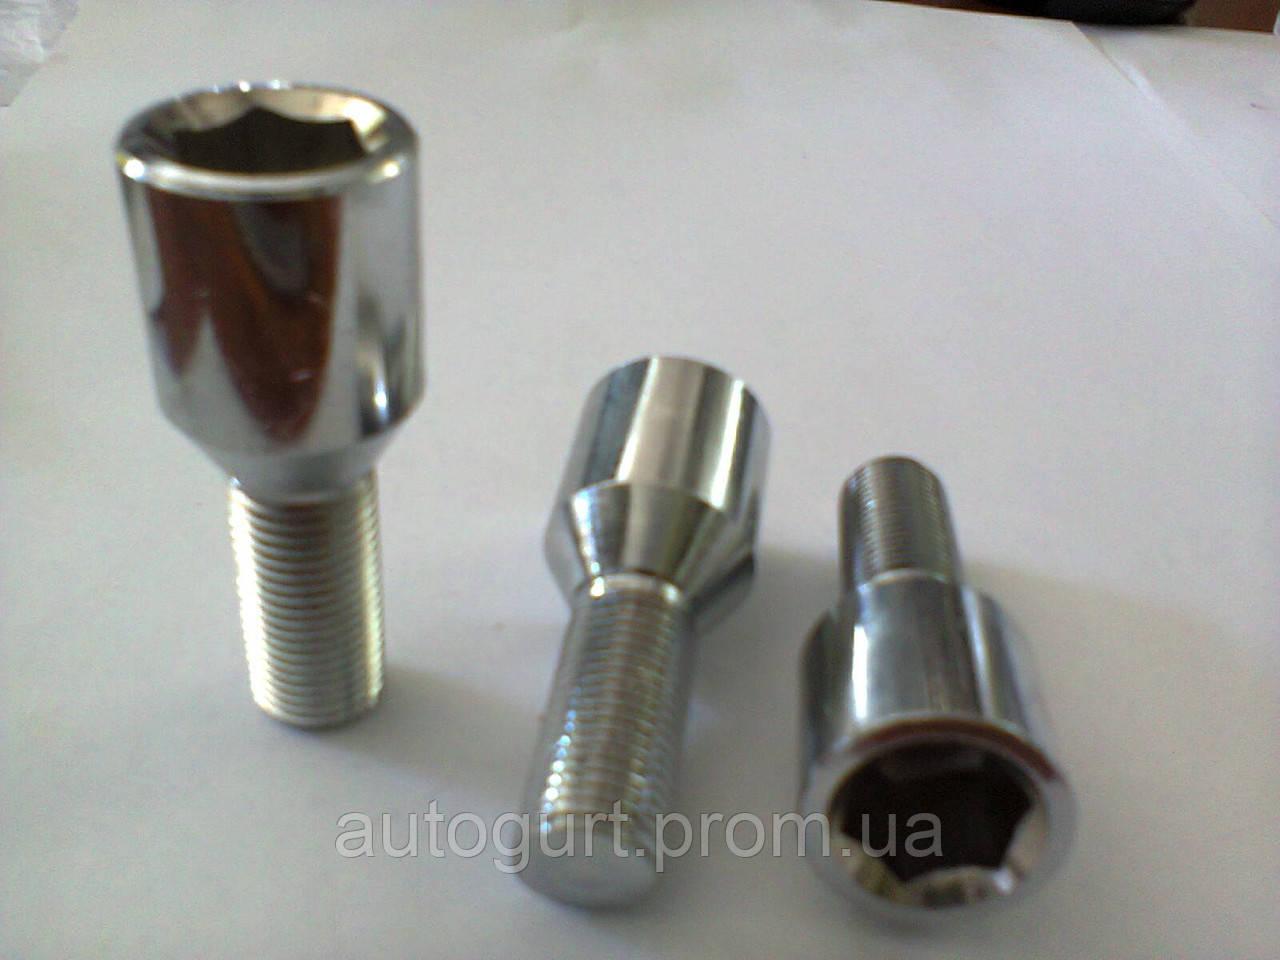 Болт колеса B 7315 (JN-305) 12x1.25x25,10  L52 спец. тит./хром (під шестигранник)